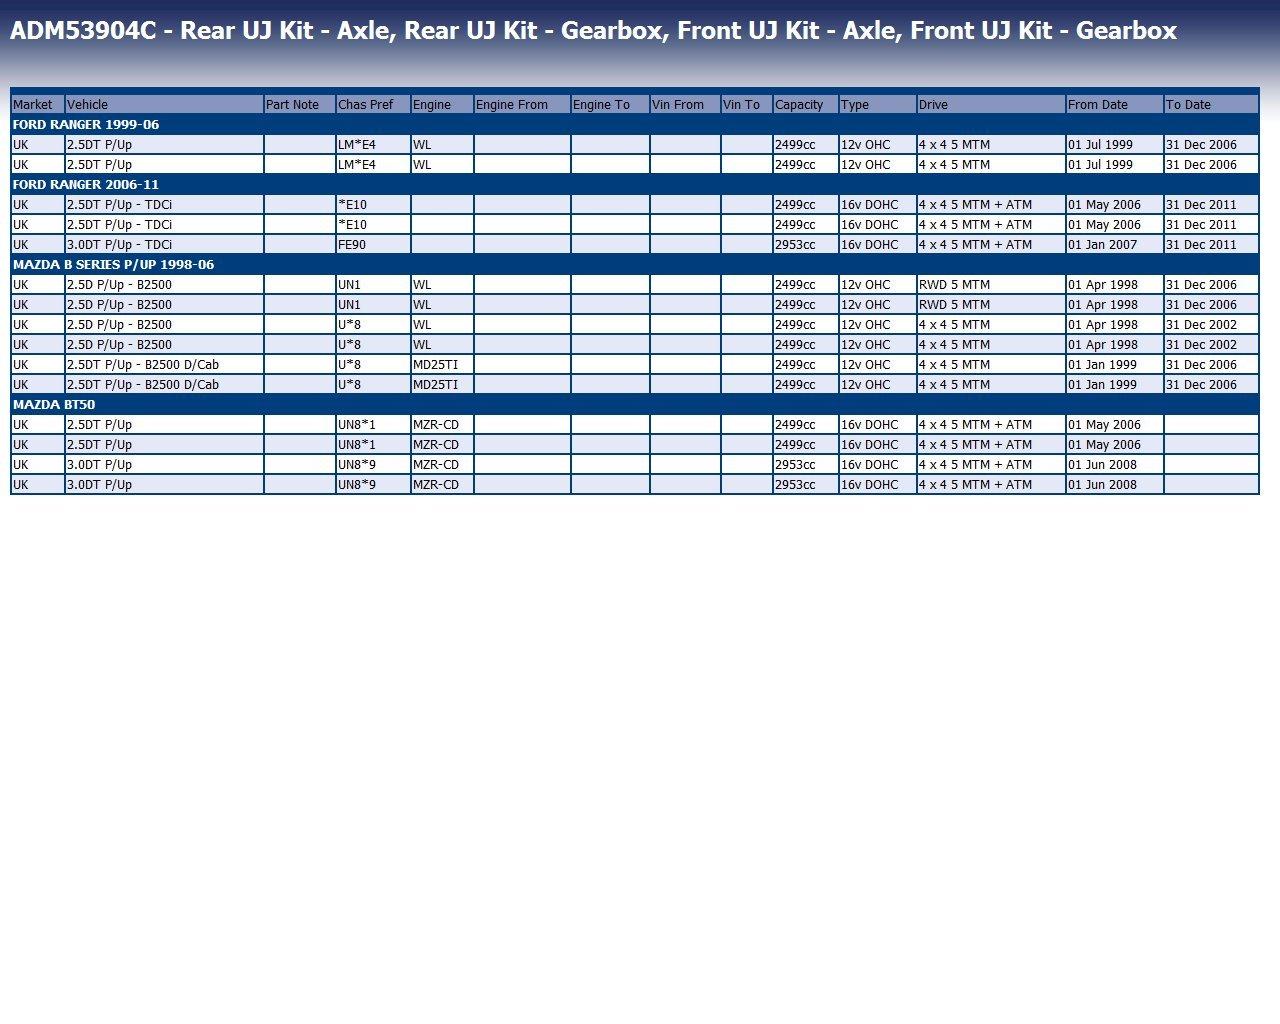 Blue Print adm53904/C avant UJ Kit/ /essieu